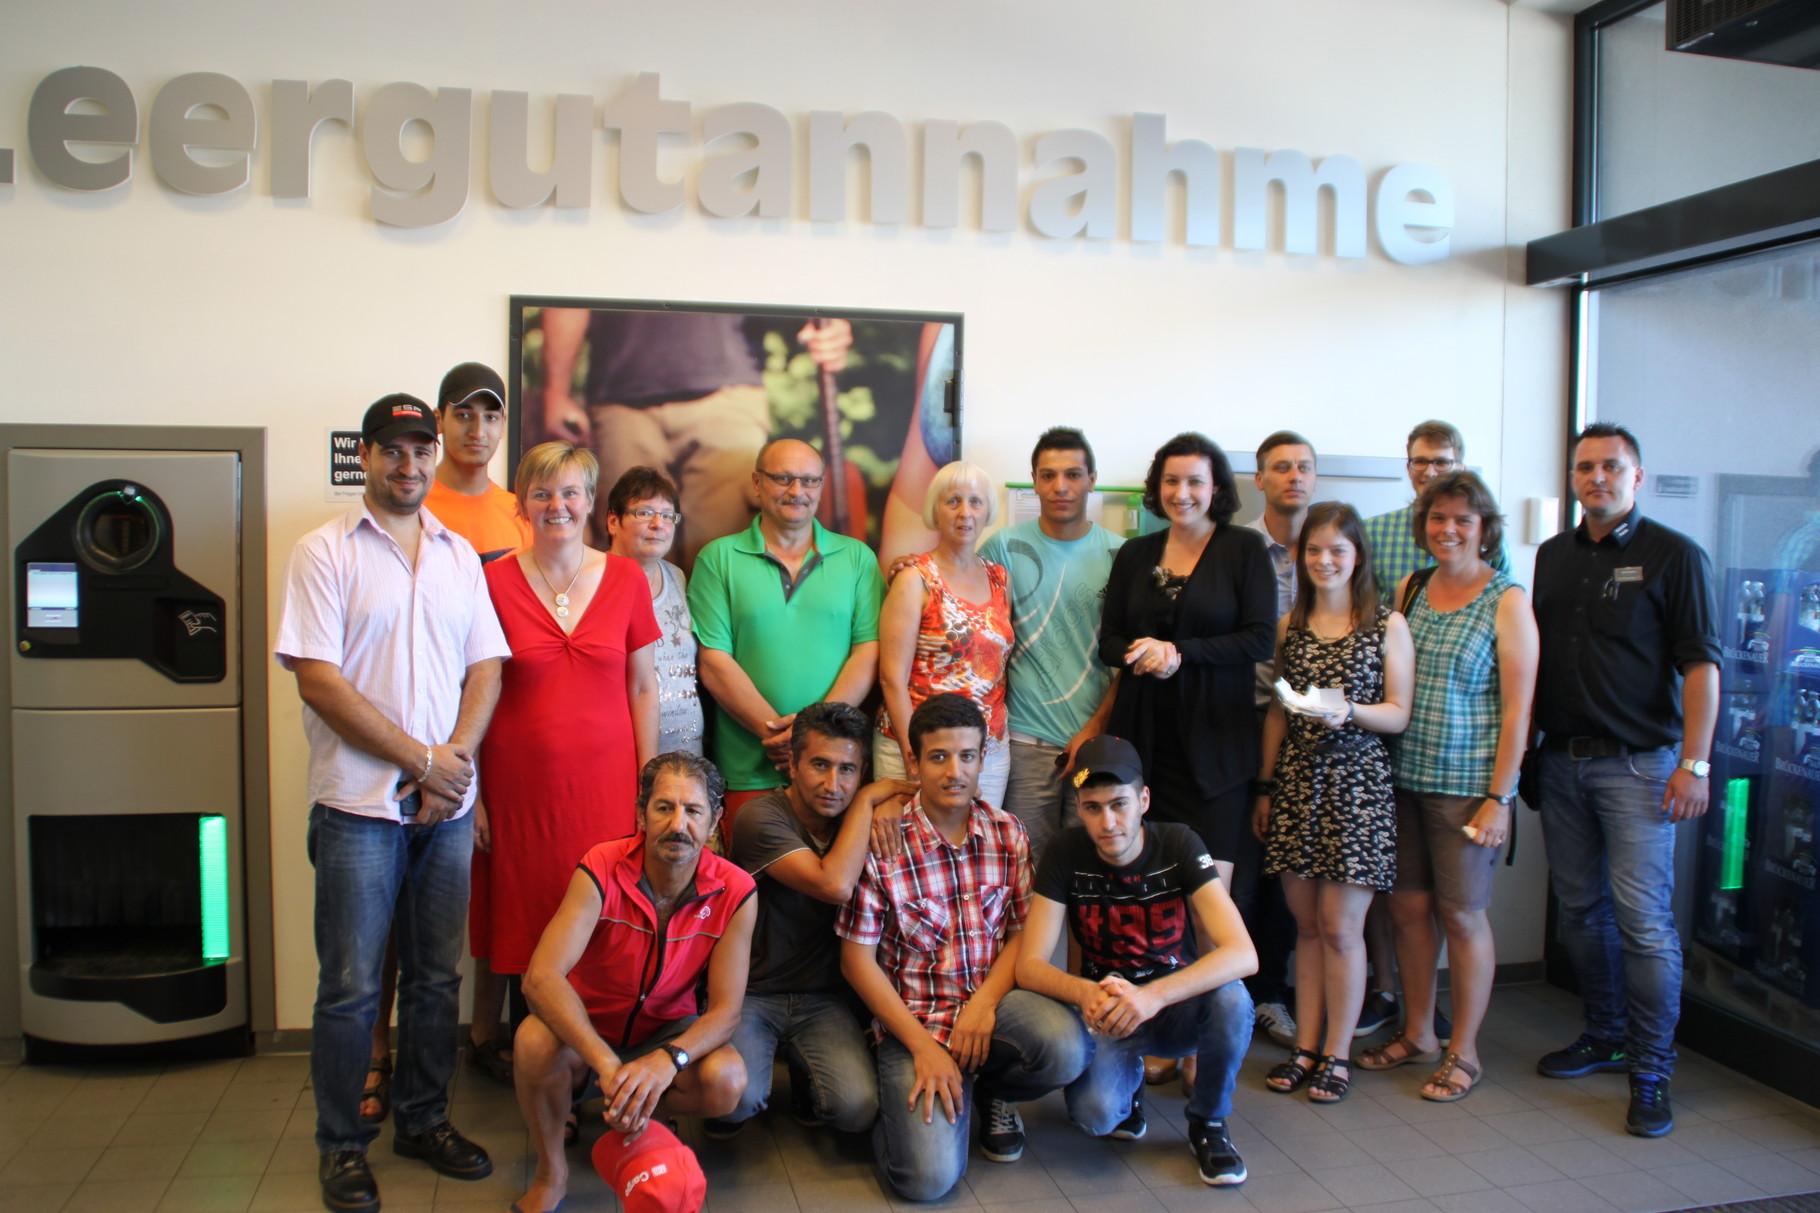 Geändertes Spendenziel der Pfandbox in Knetzgau: Wir unterstützen über das Bündnis für Familien und Senioren Knetzgau den Freundeskreis Asyl